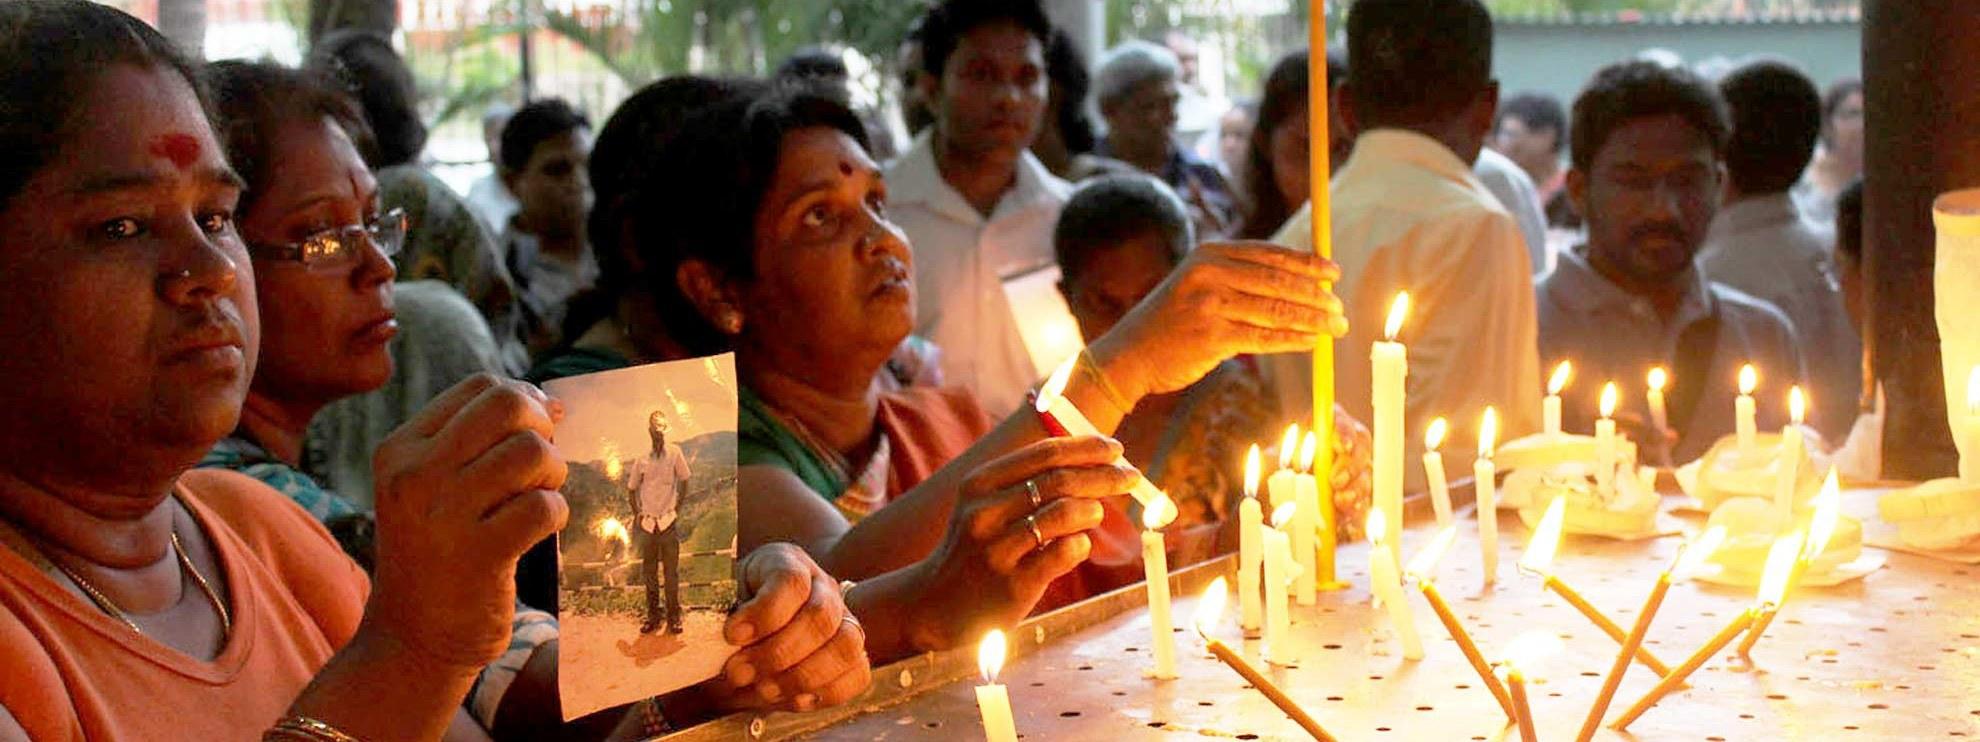 Des femmes dénoncent la disparition de leurs proches à Colombo, le 12 janvier 2012. © Vikalpasl / Creative Commons